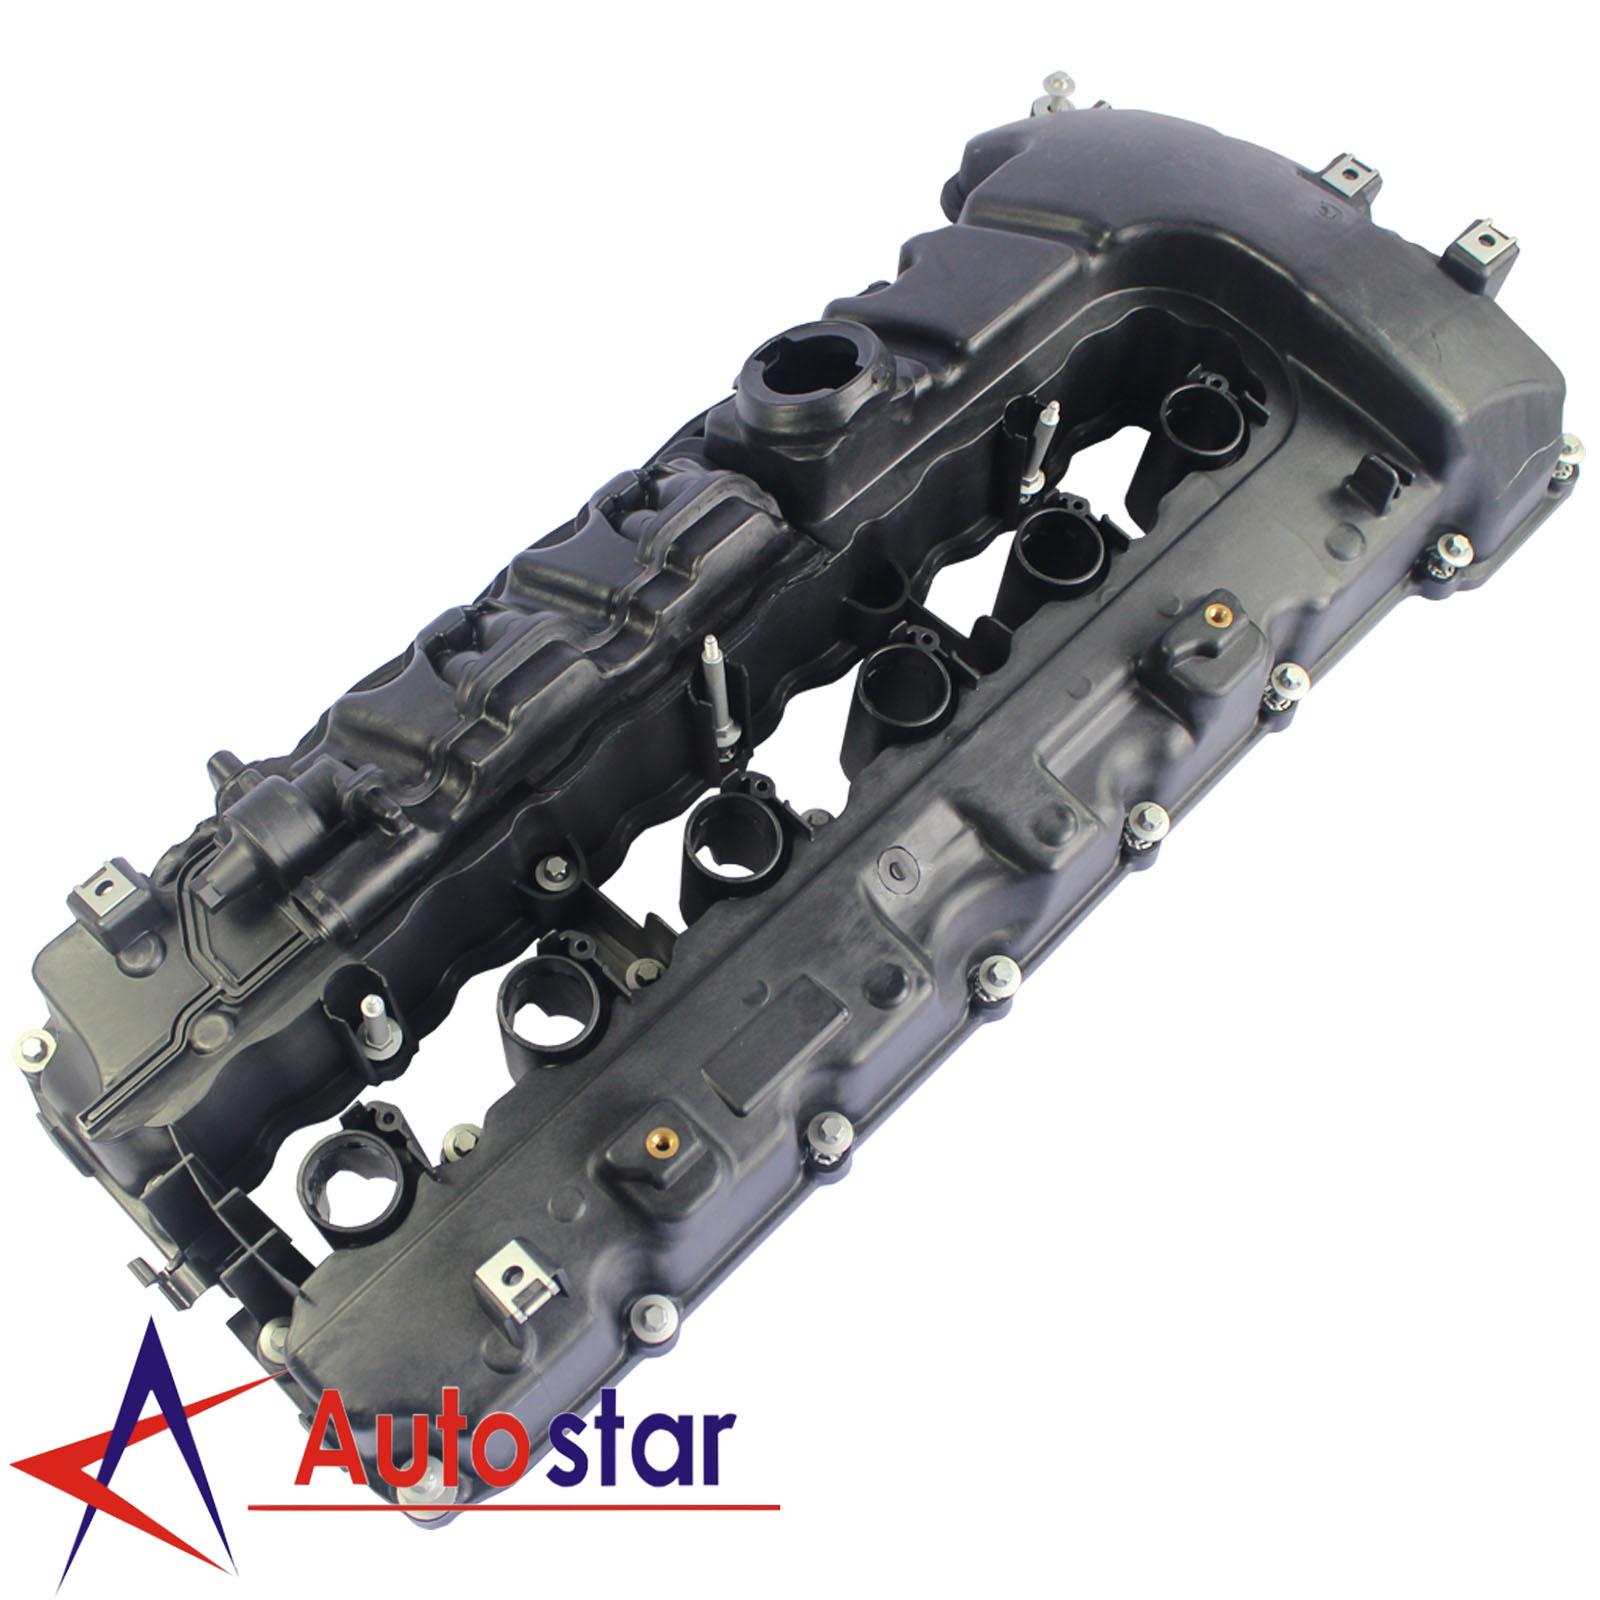 Engine Valve Cover 11127565284 For BMW 535i 135i 335i X6